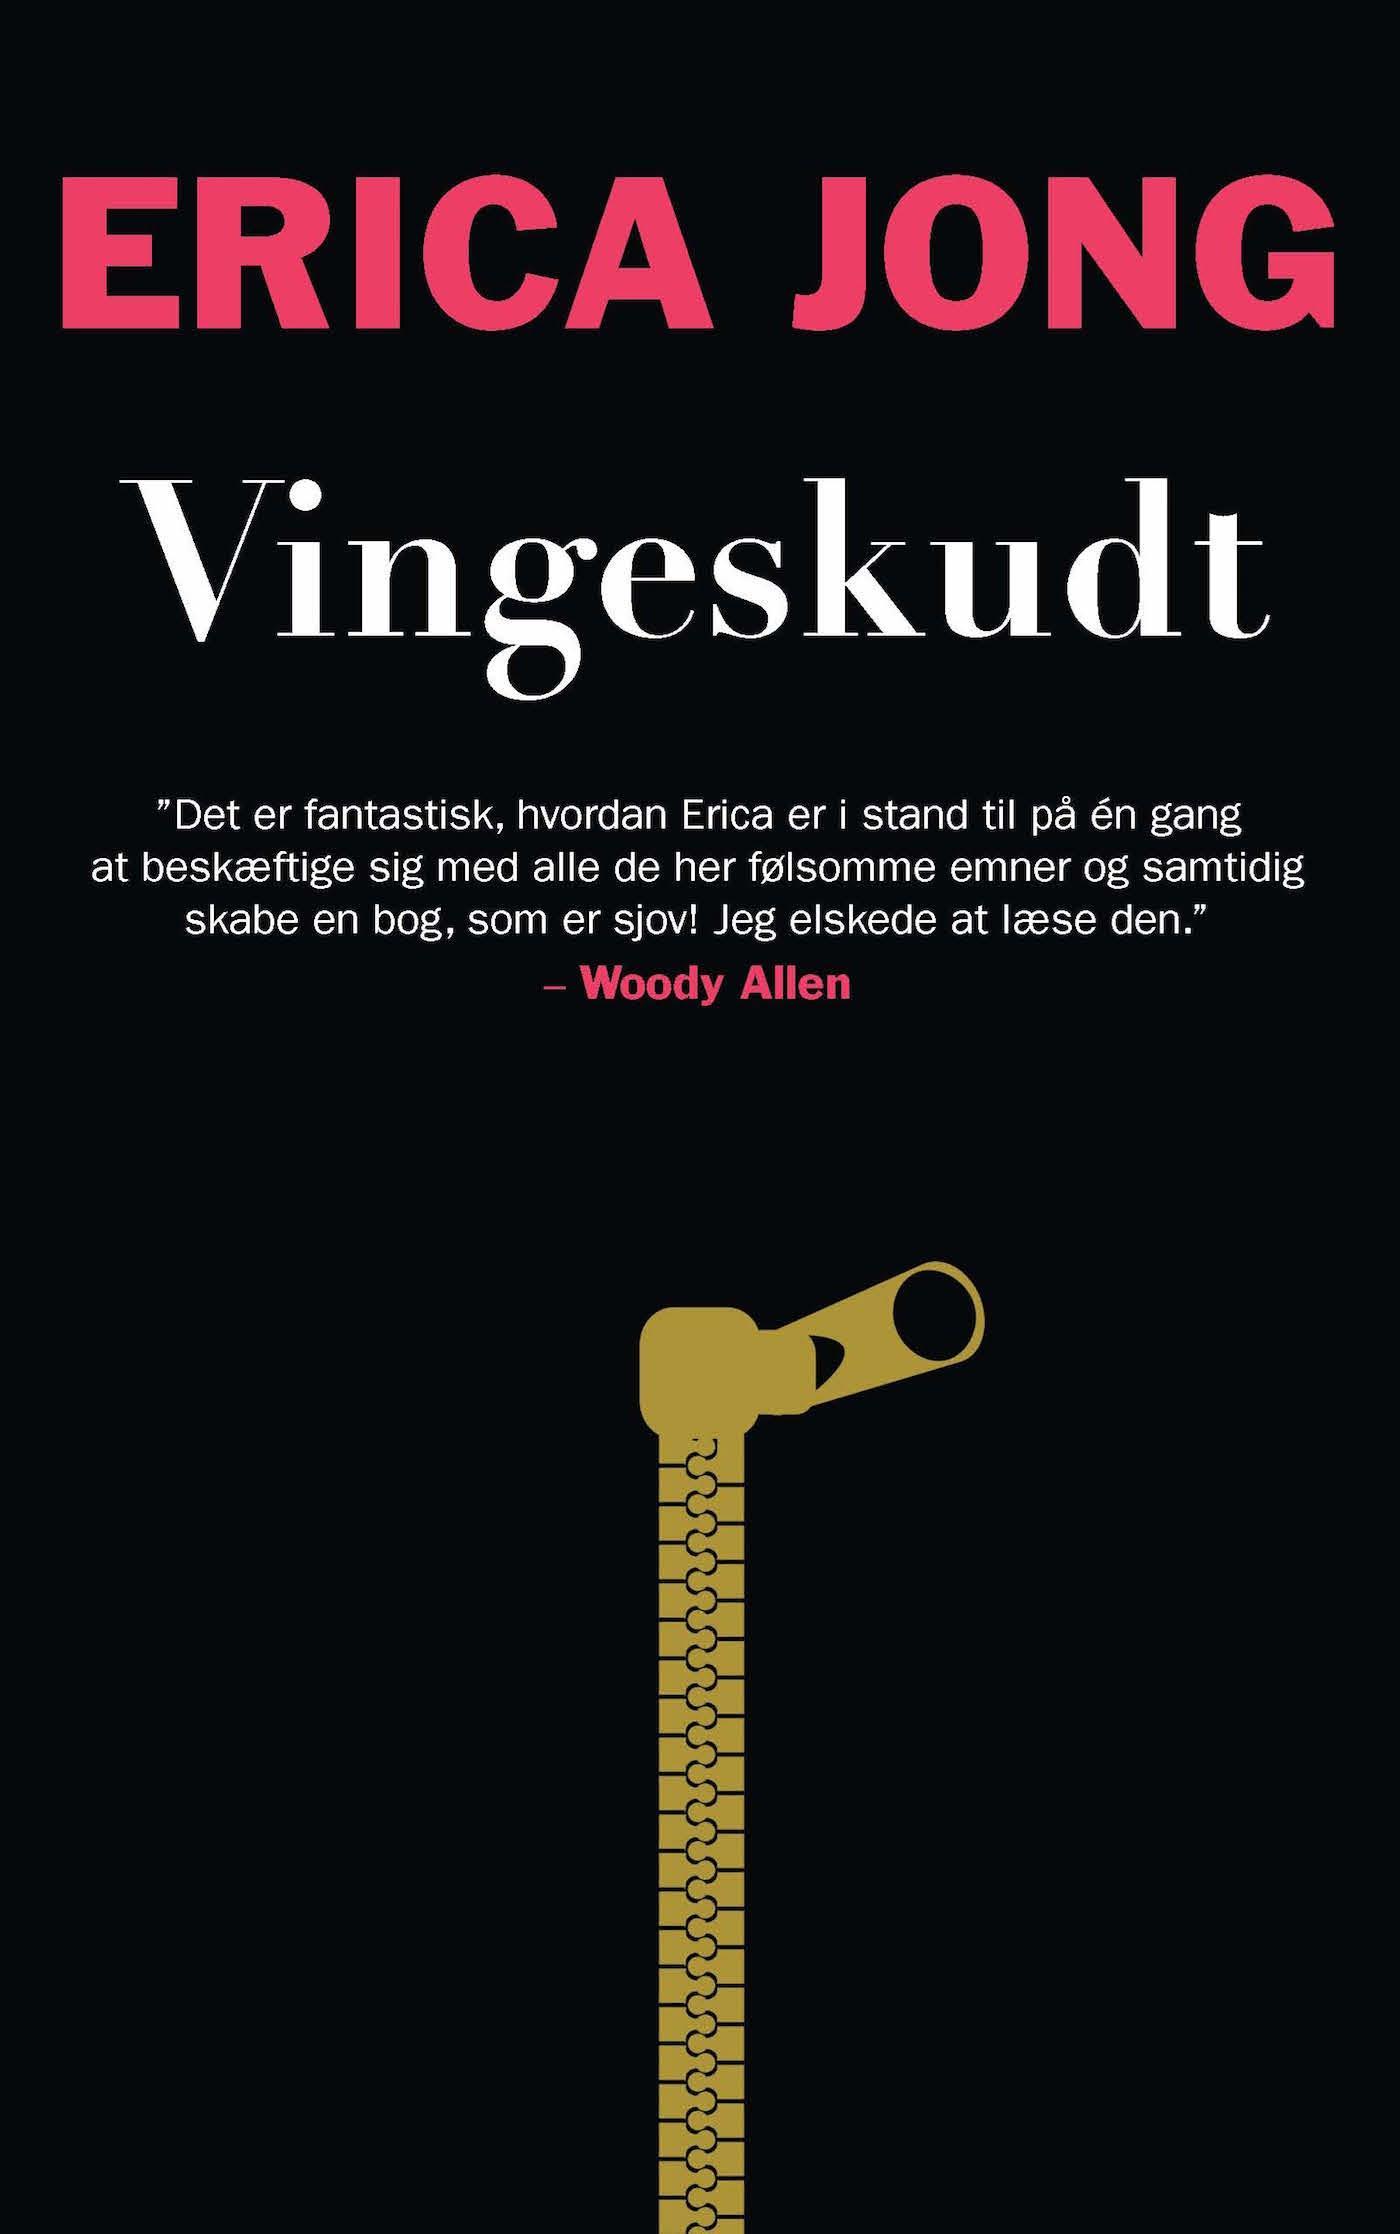 N/A Vingeskudt - e-bog fra bog & mystik